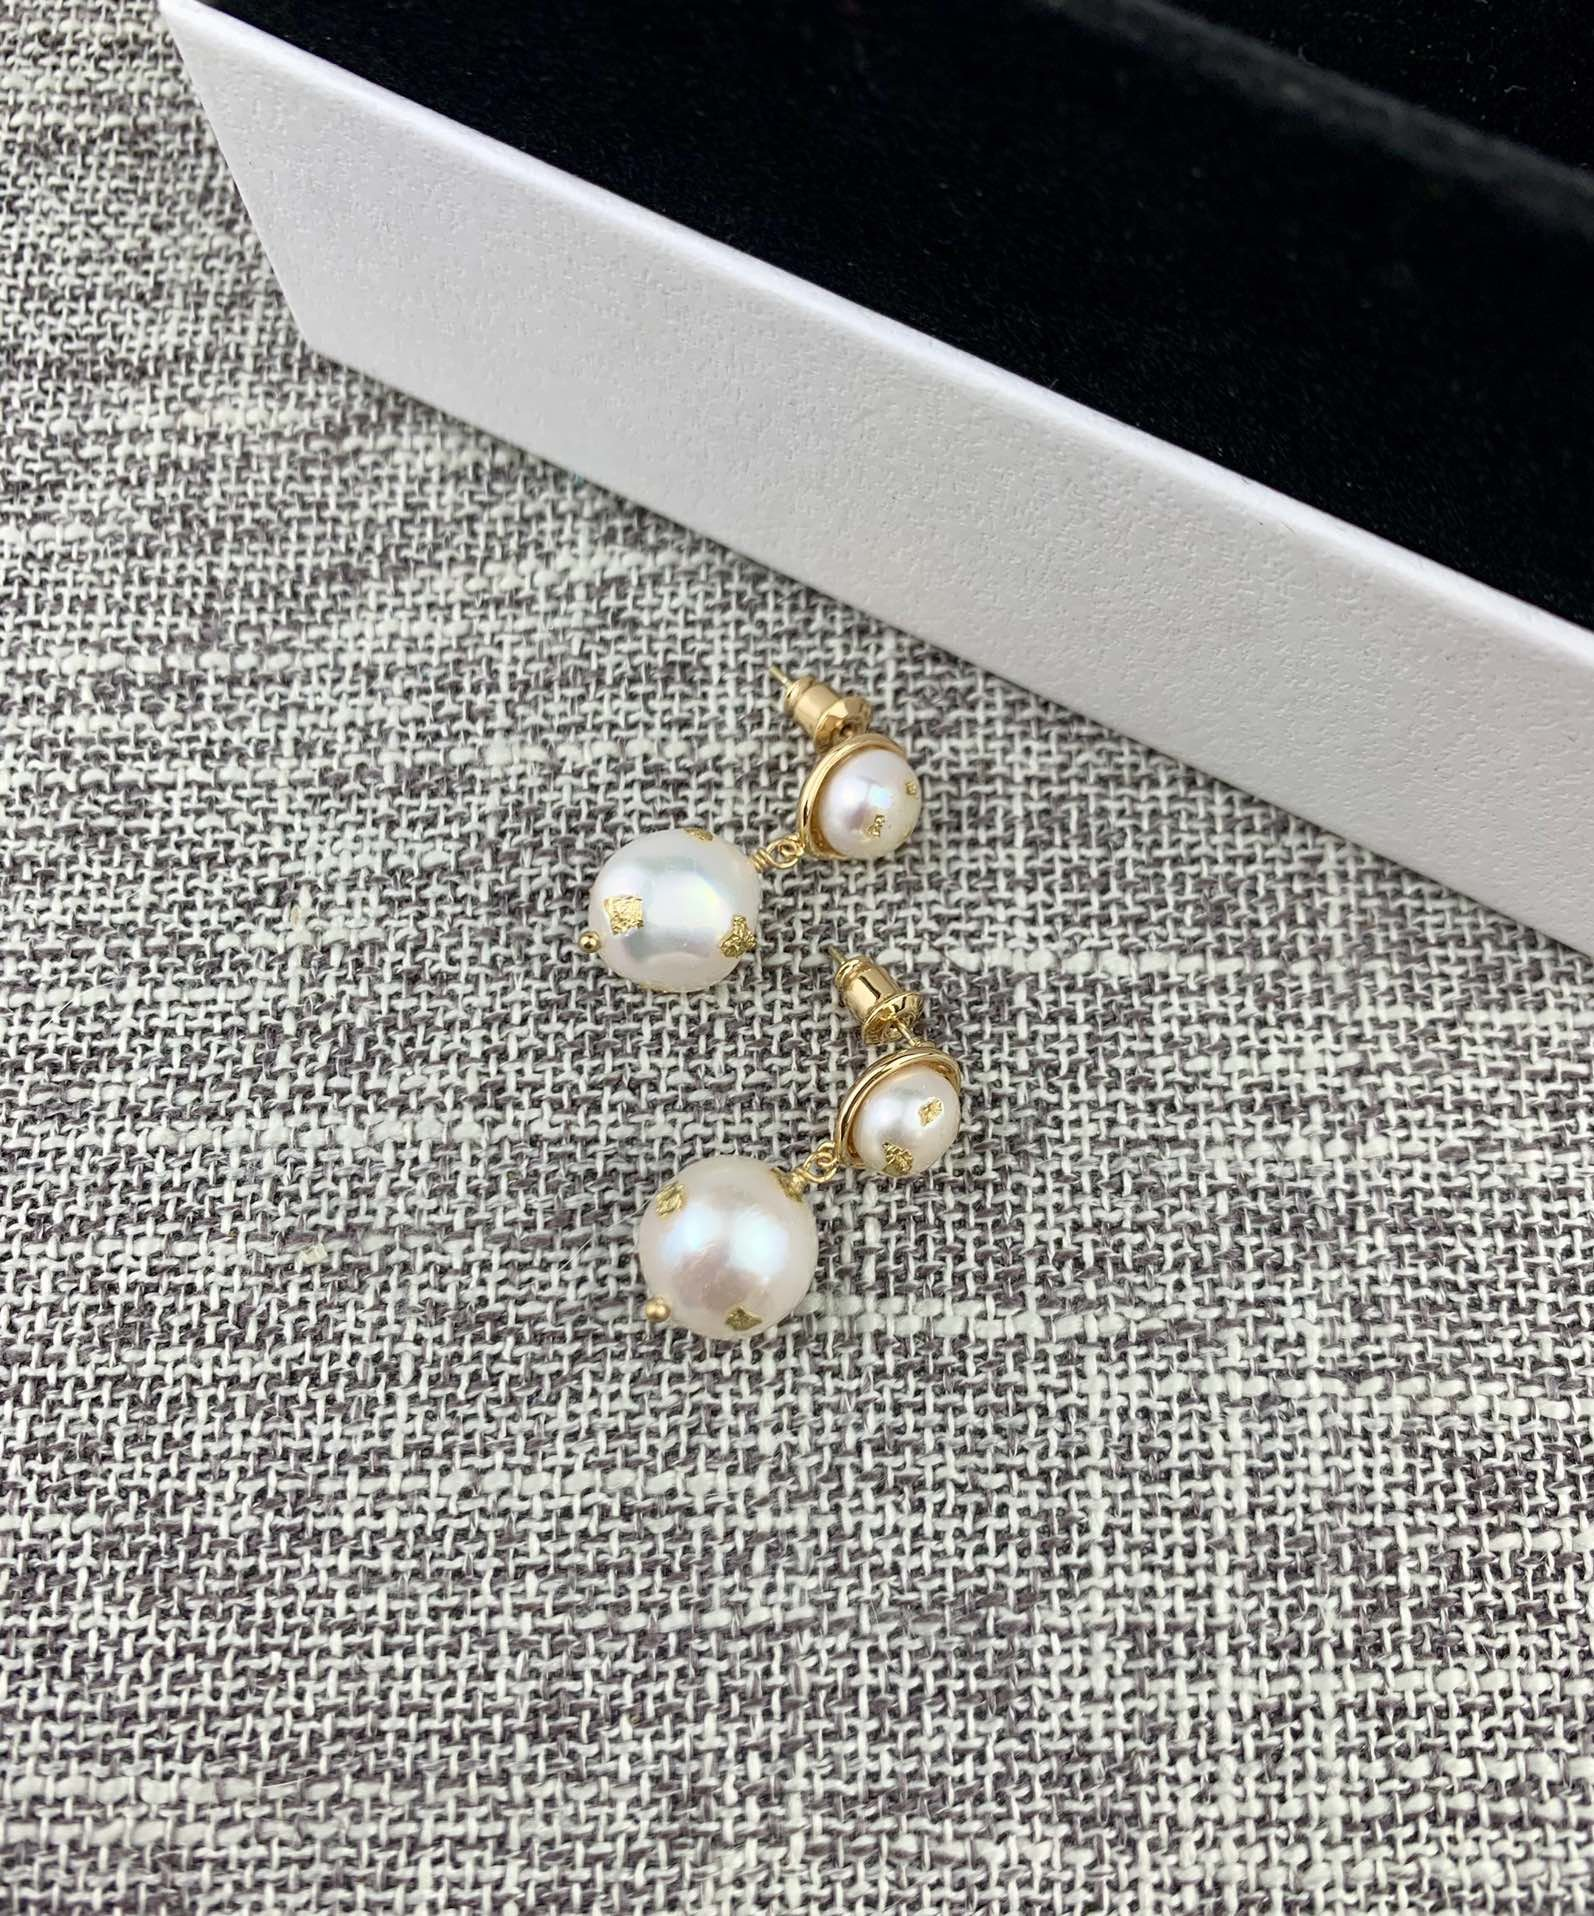 新品天然珍珠耳环网红冷淡风小众简约时